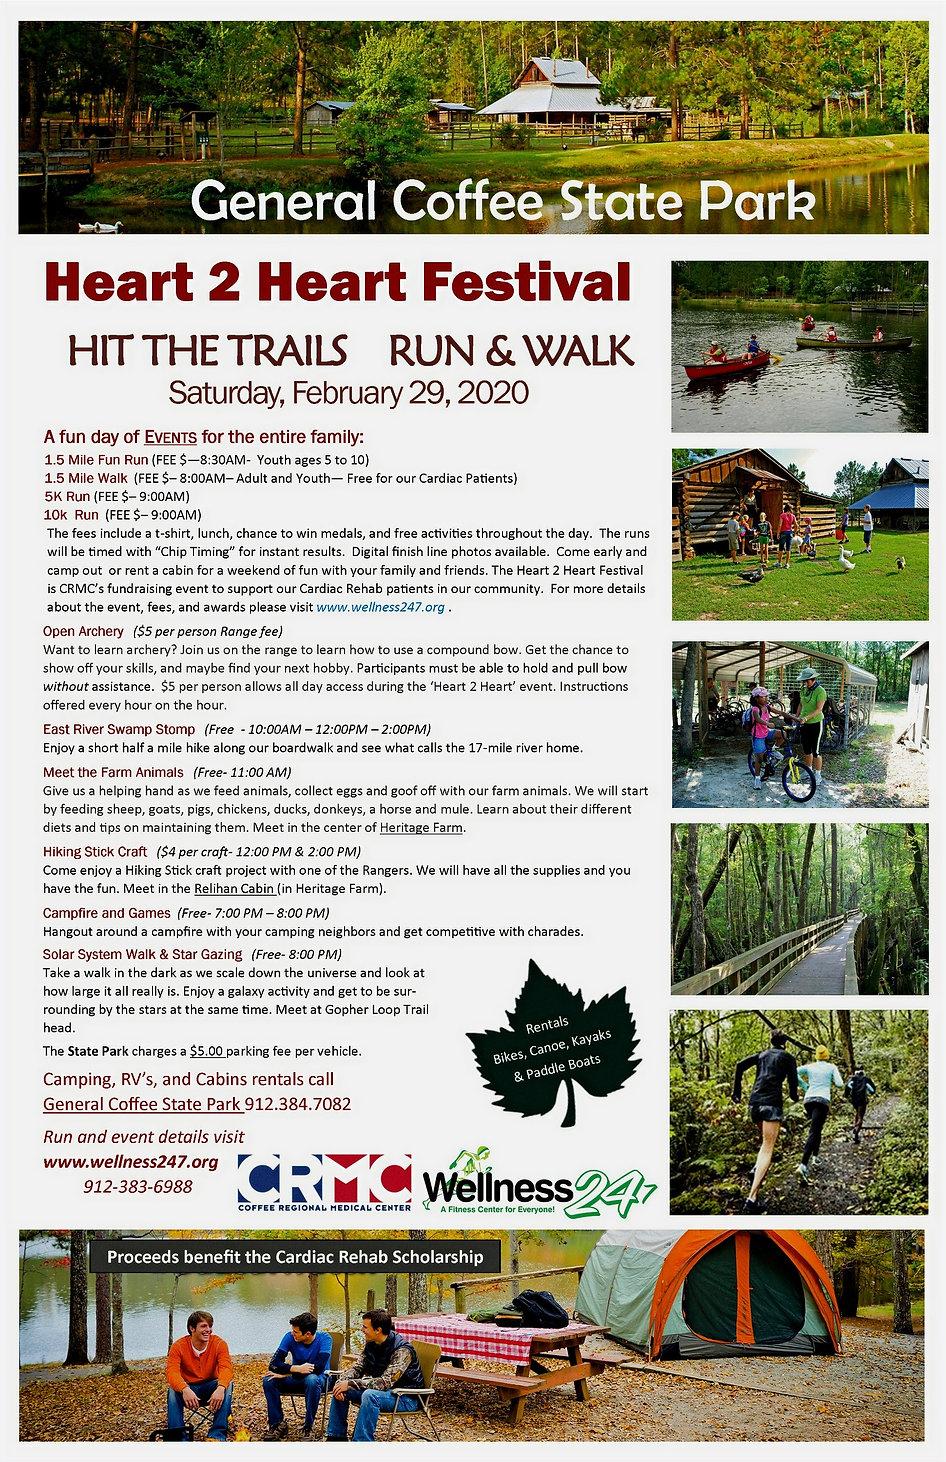 2020 Heart 2 Heart Festival Event Poster